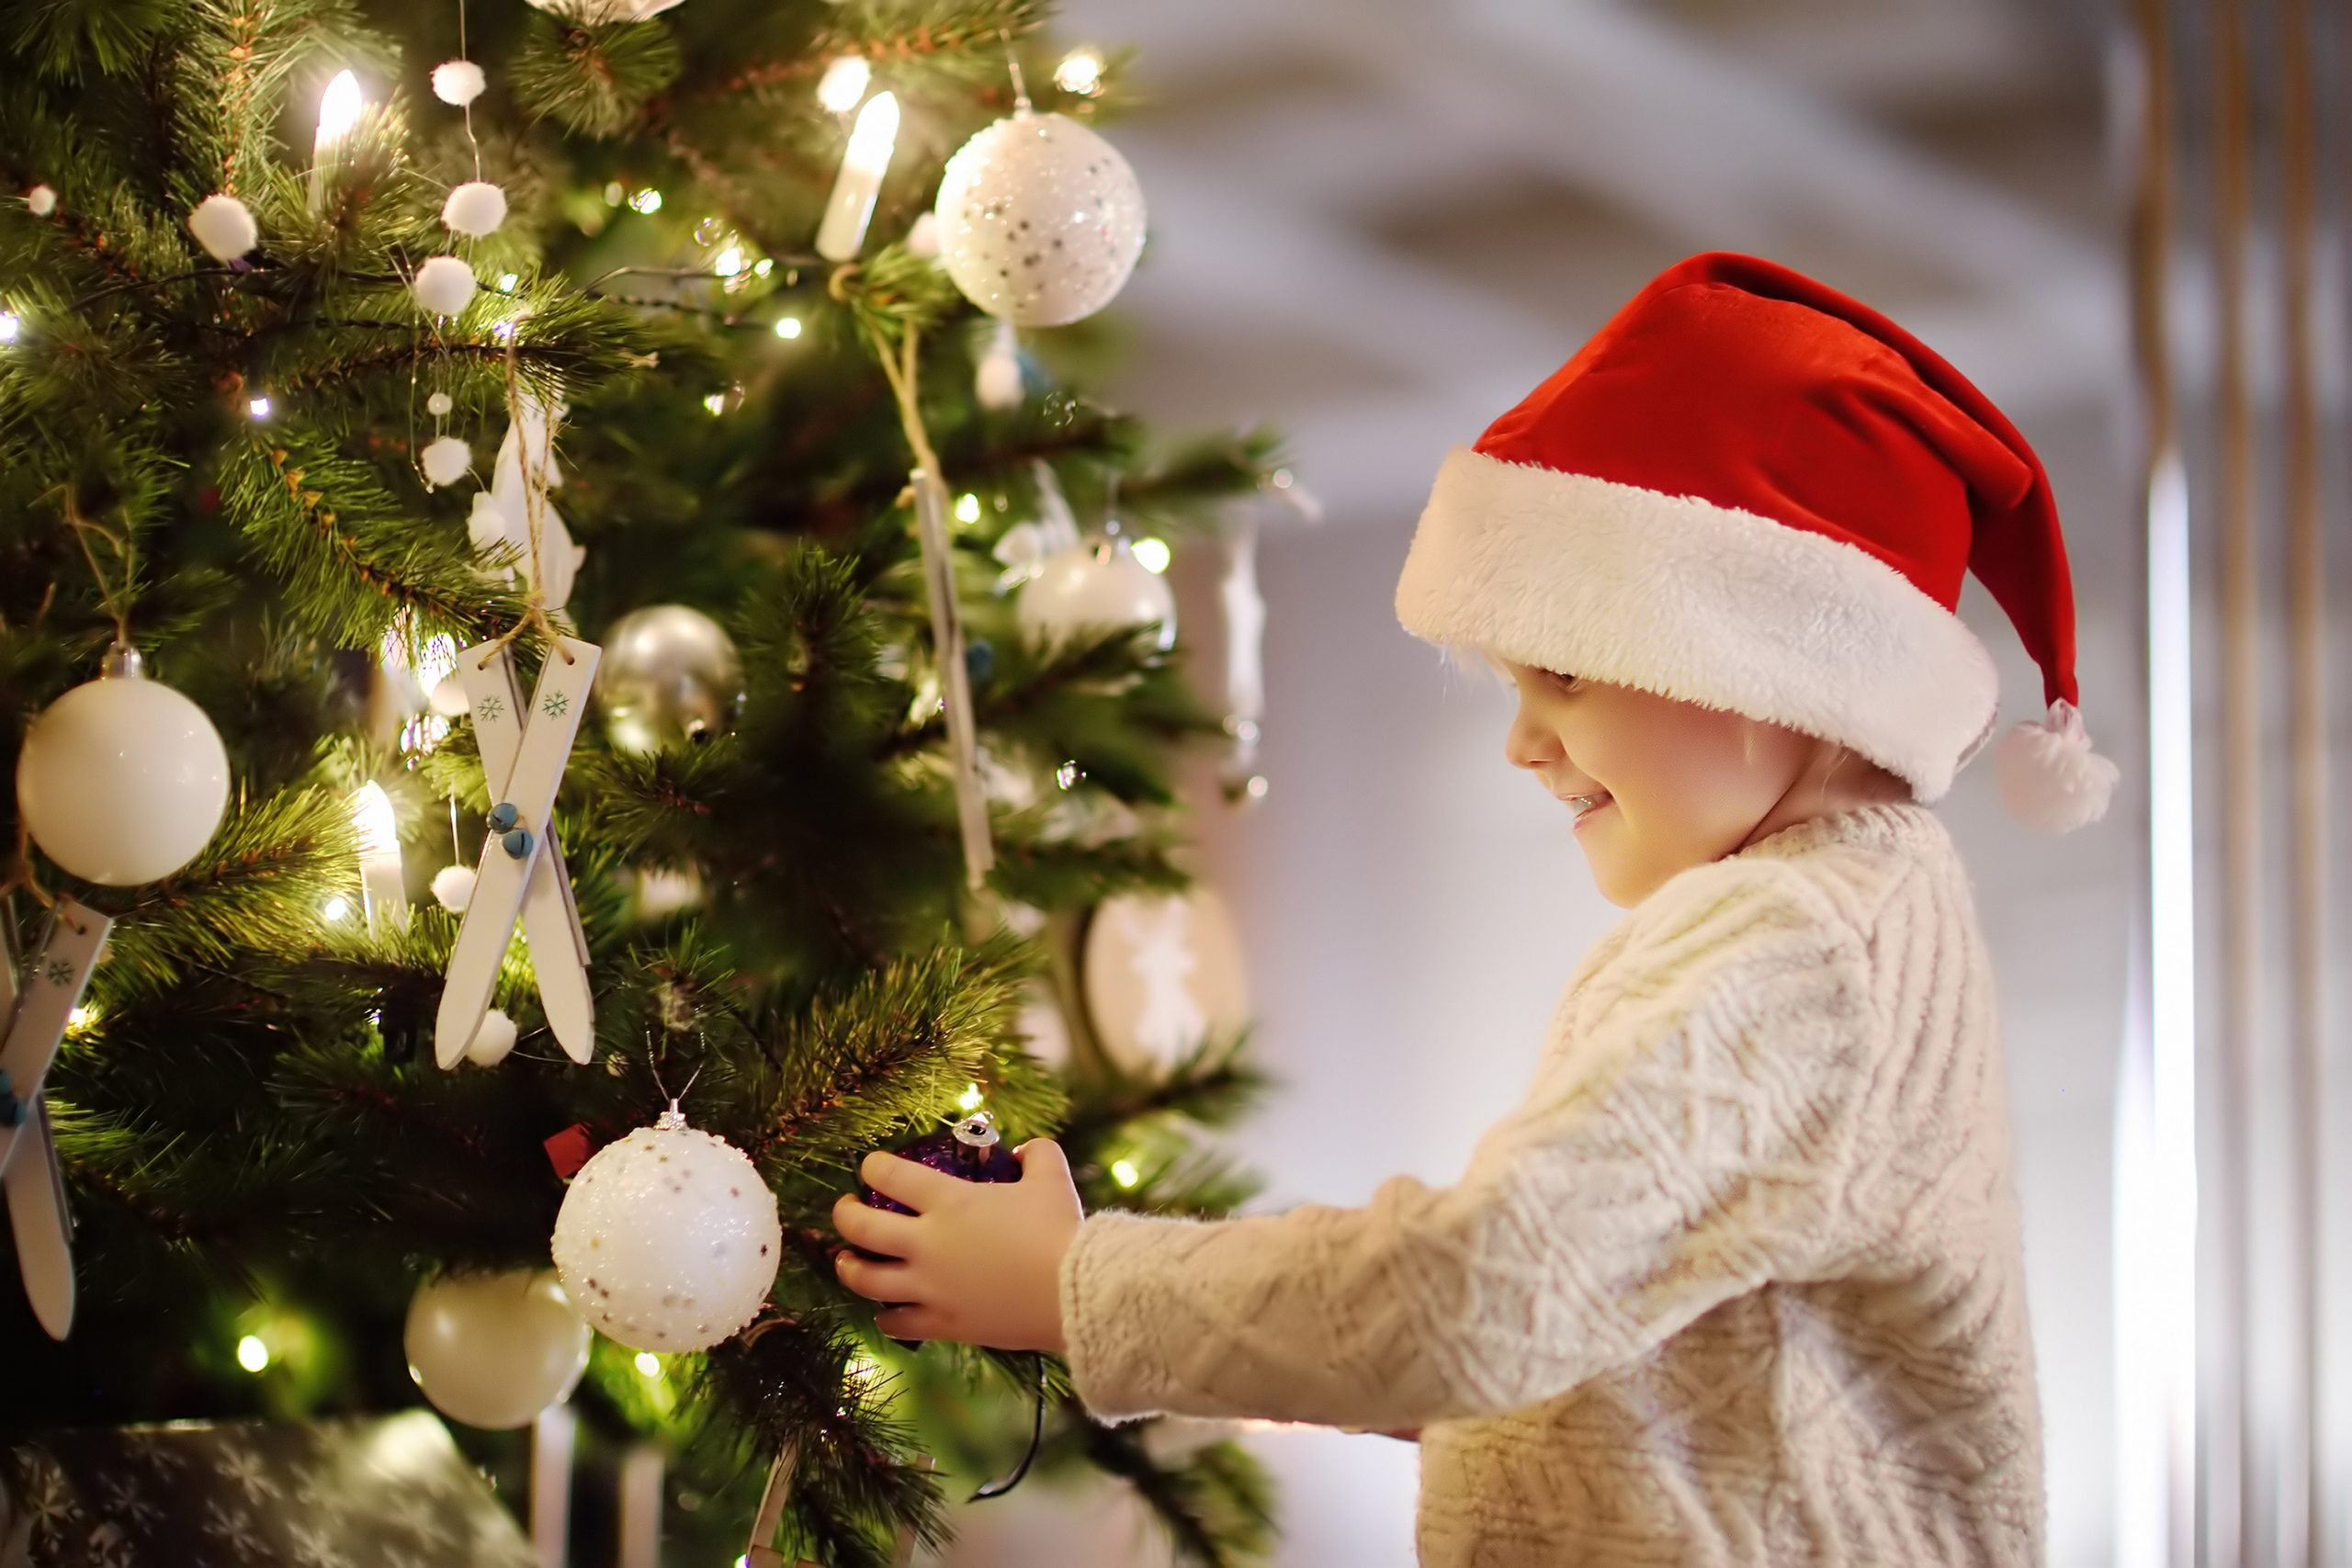 Le sapin de Noël : un incontournable de la féerie de Noël